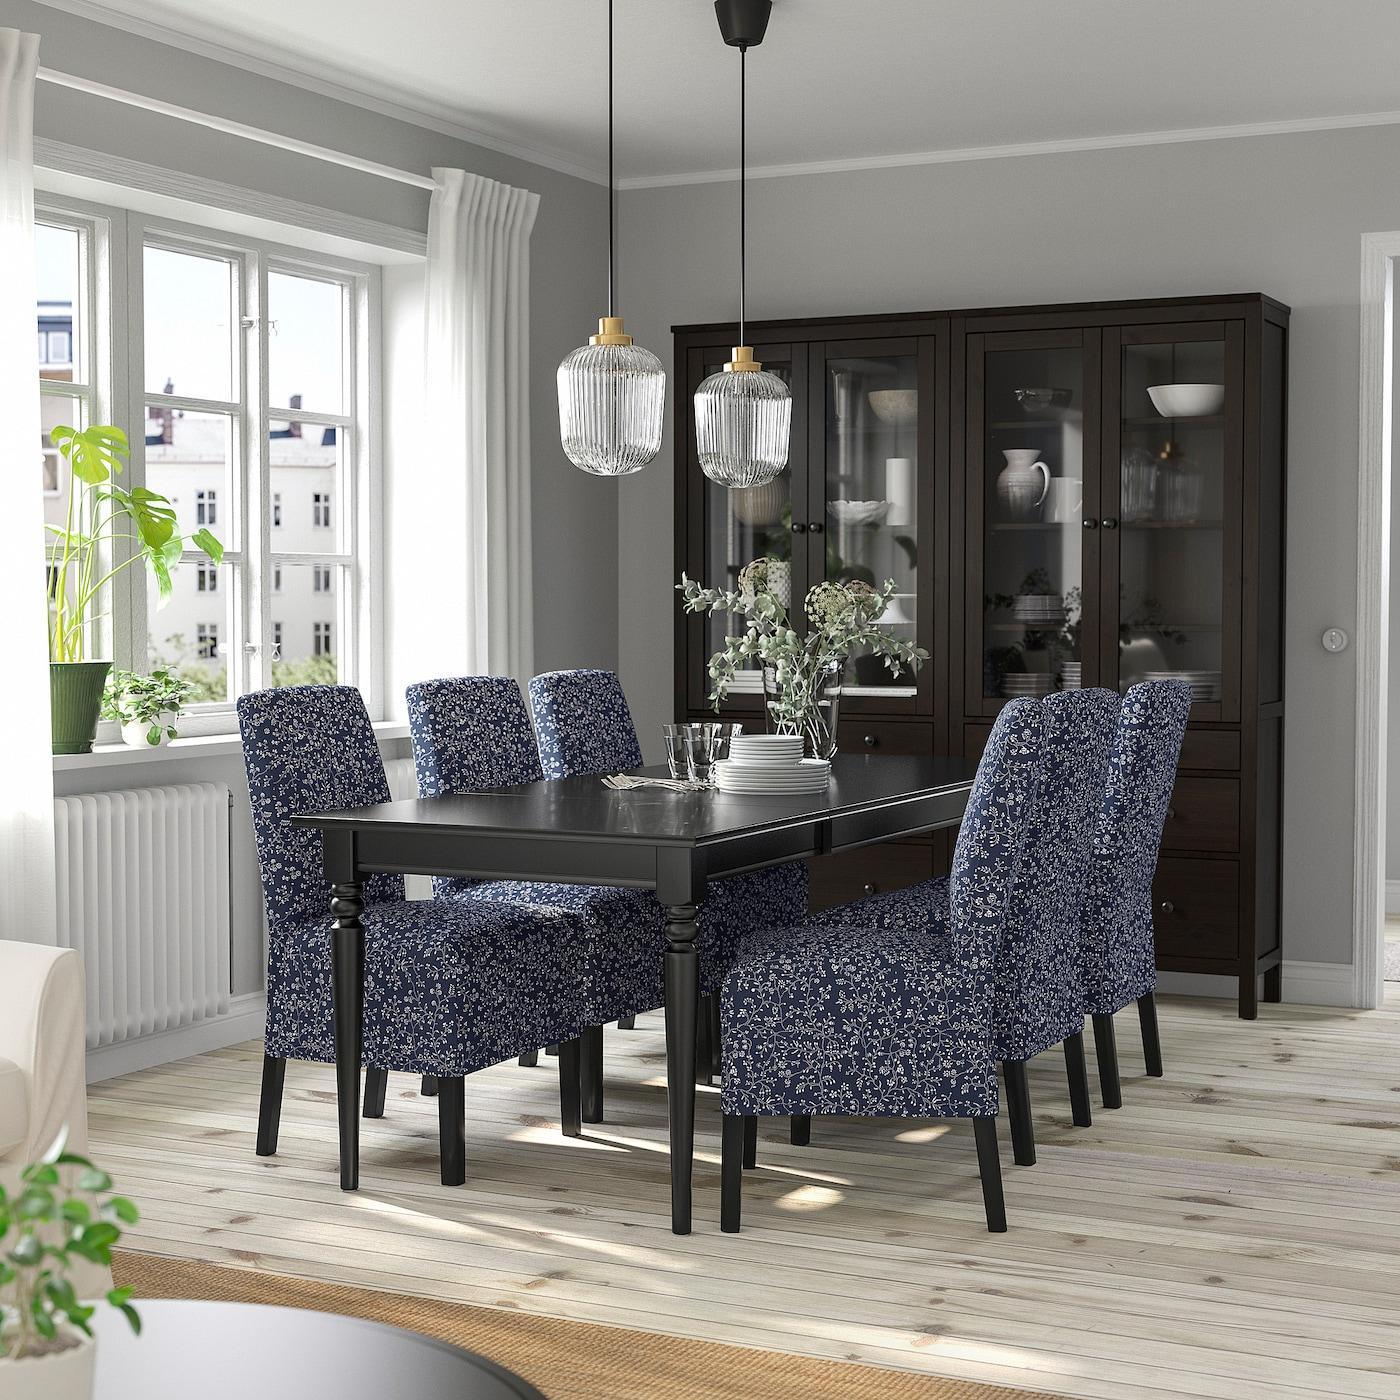 INGATORP / BERGMUND Tisch und 4 Stühle, schwarz/Ryrane dunkelblau, 155/215 cm